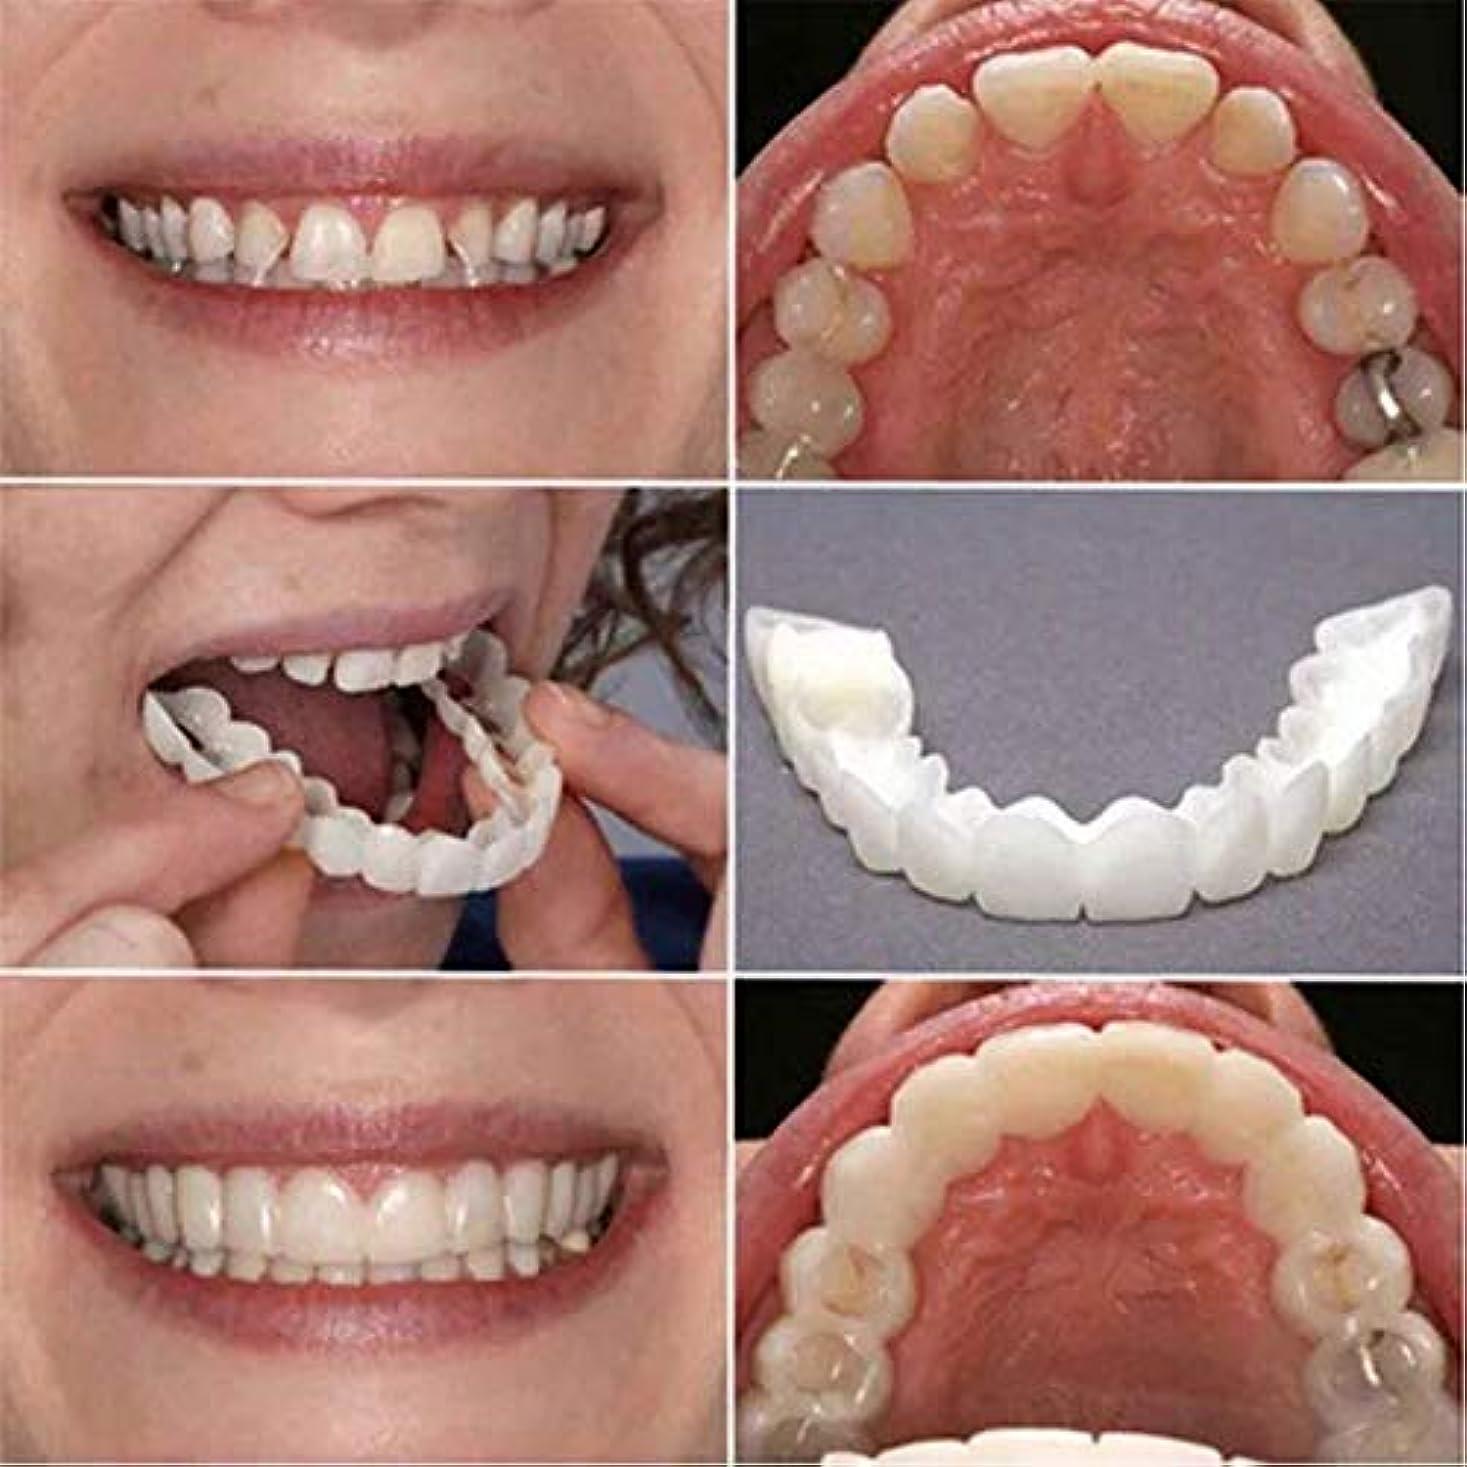 傾斜流産適度に2個の歯ピースフィッティング快適なフィット歯のソケット義歯口腔用品矯正アクセティース 笑顔を保つ